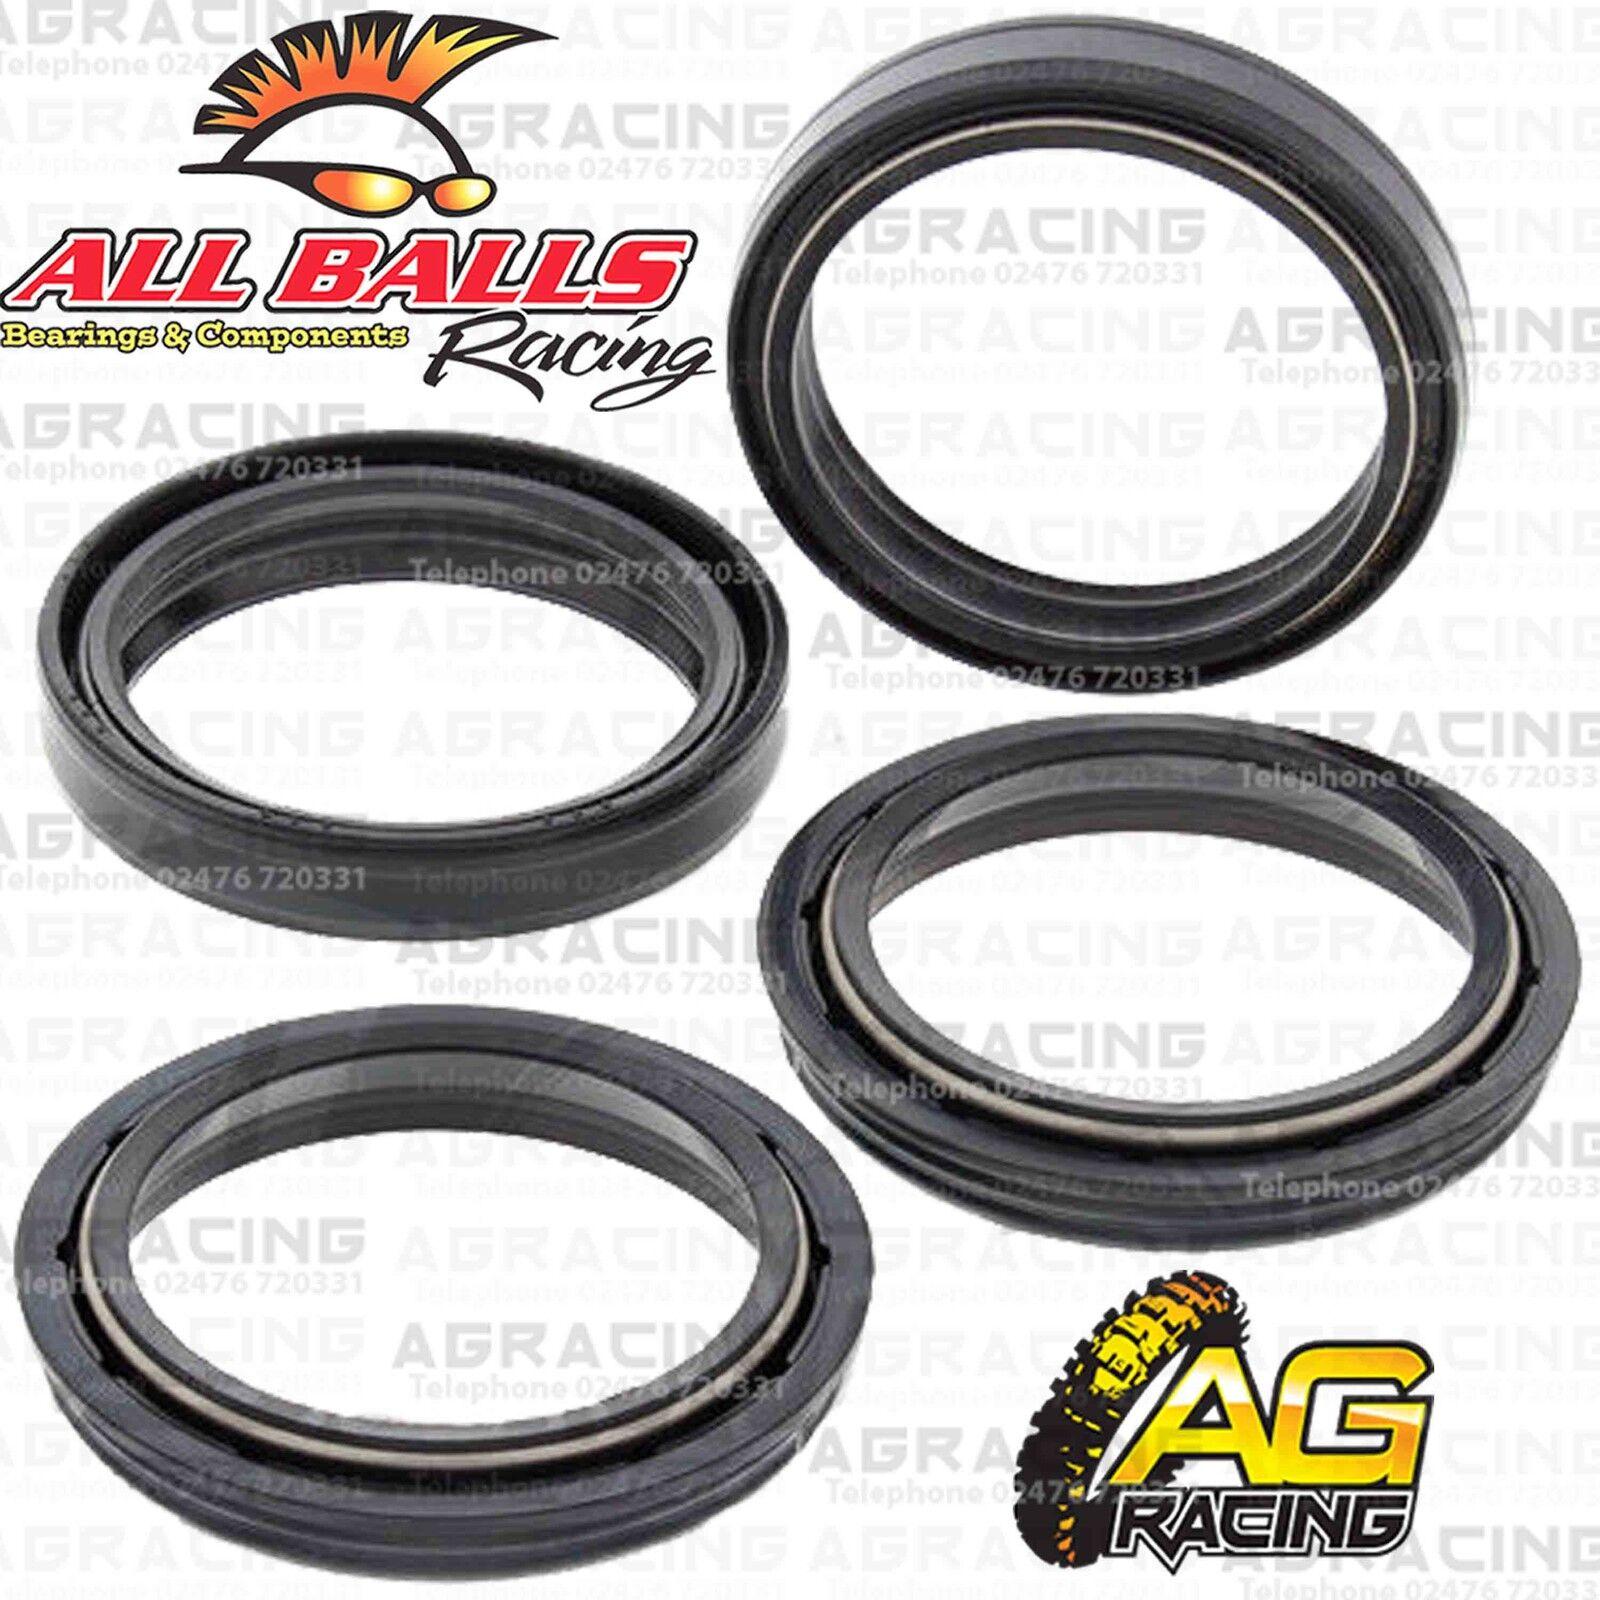 All Balls Fork Oil Seals Kit For Kawasaki KXF 450 2006-2012 06-12 Motocross New